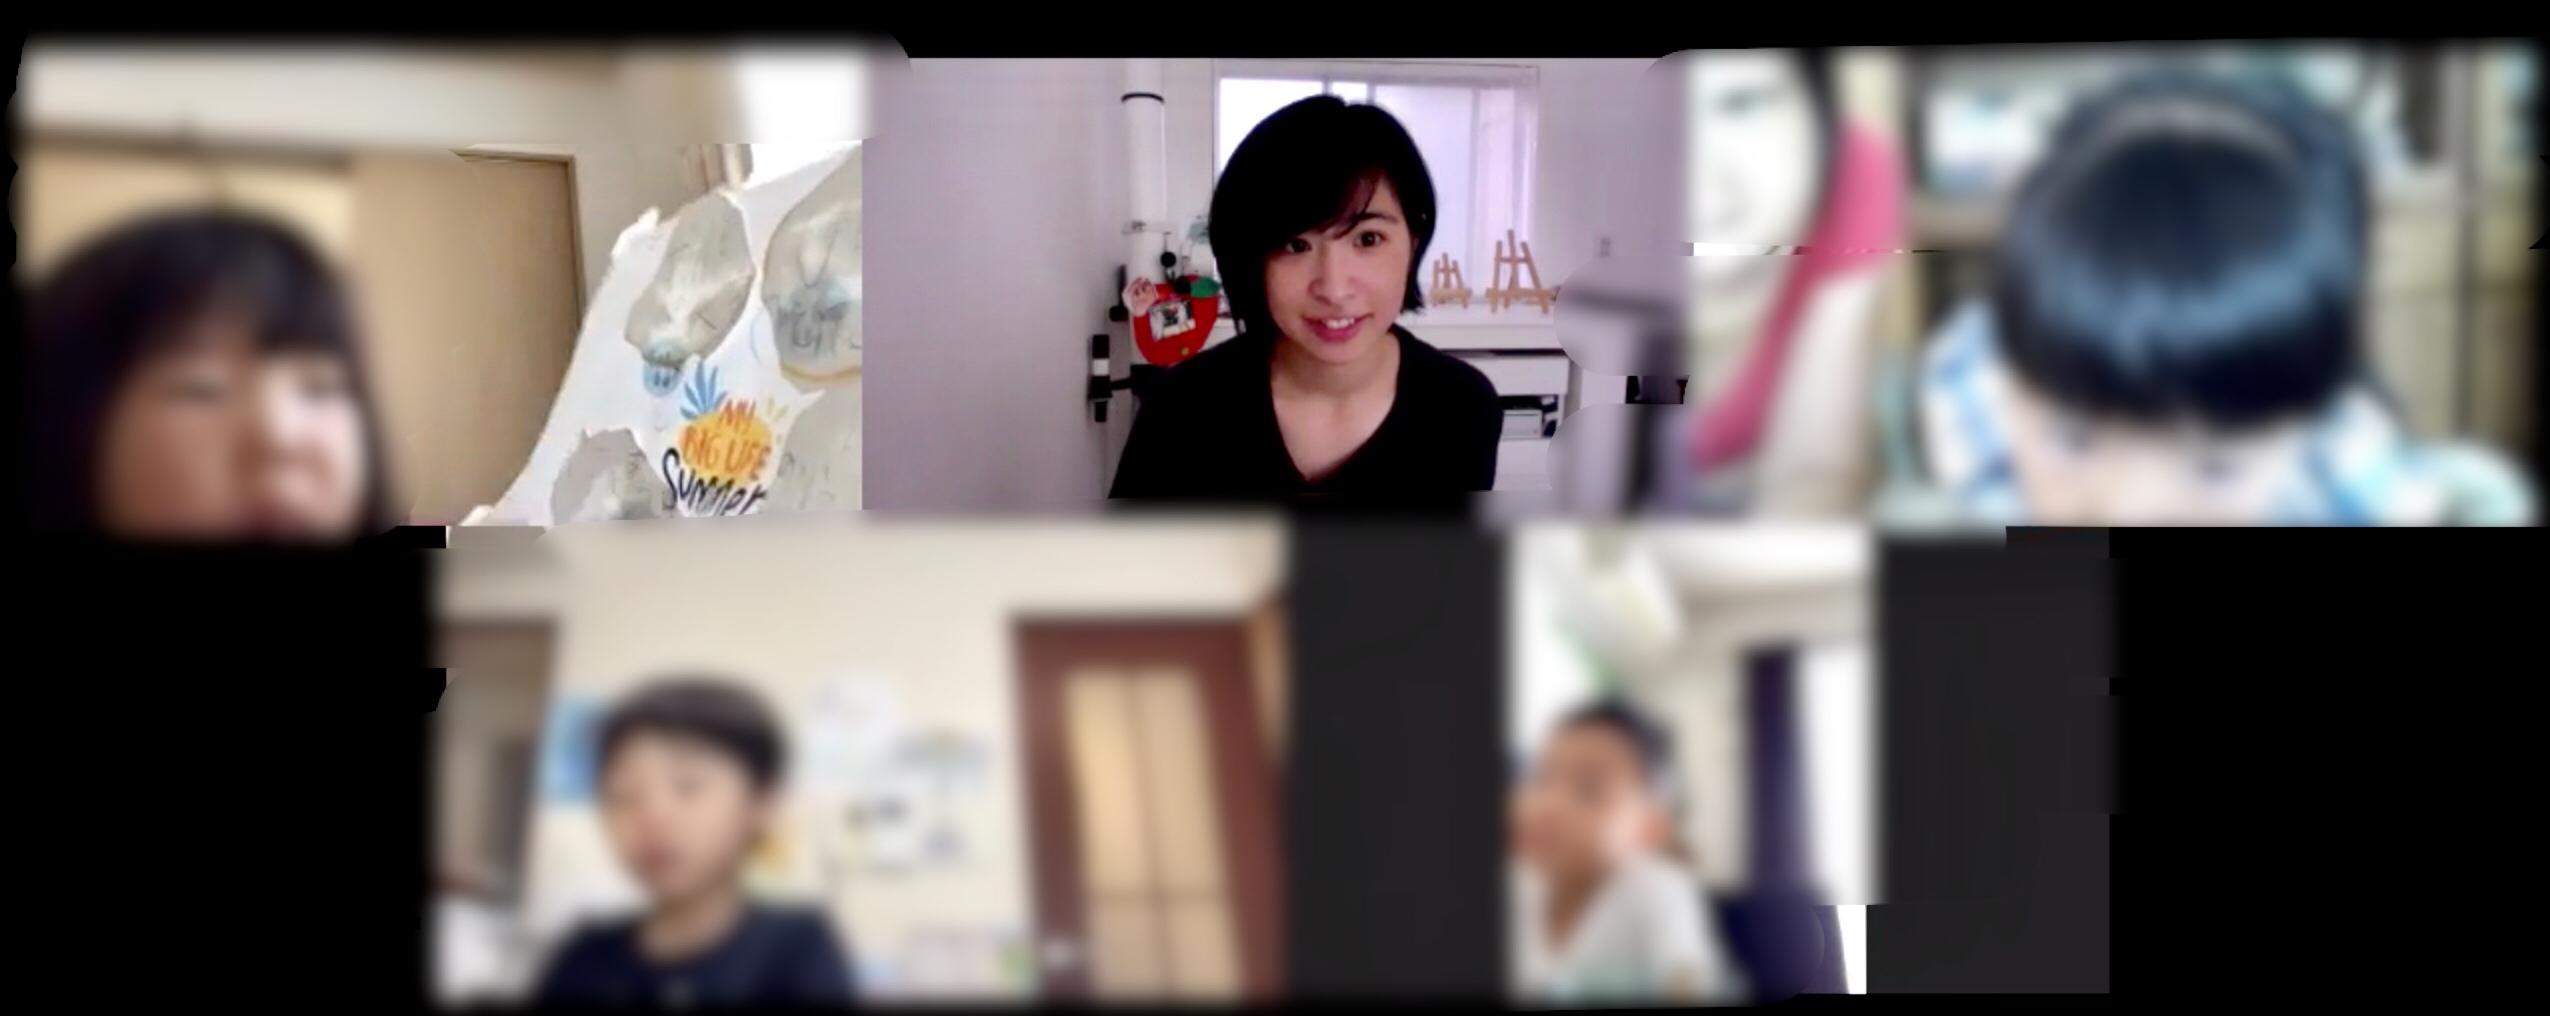 バイリンガル子育てオンラインカレッジではこんな感じに『オンライン自習室』を開室しています^^